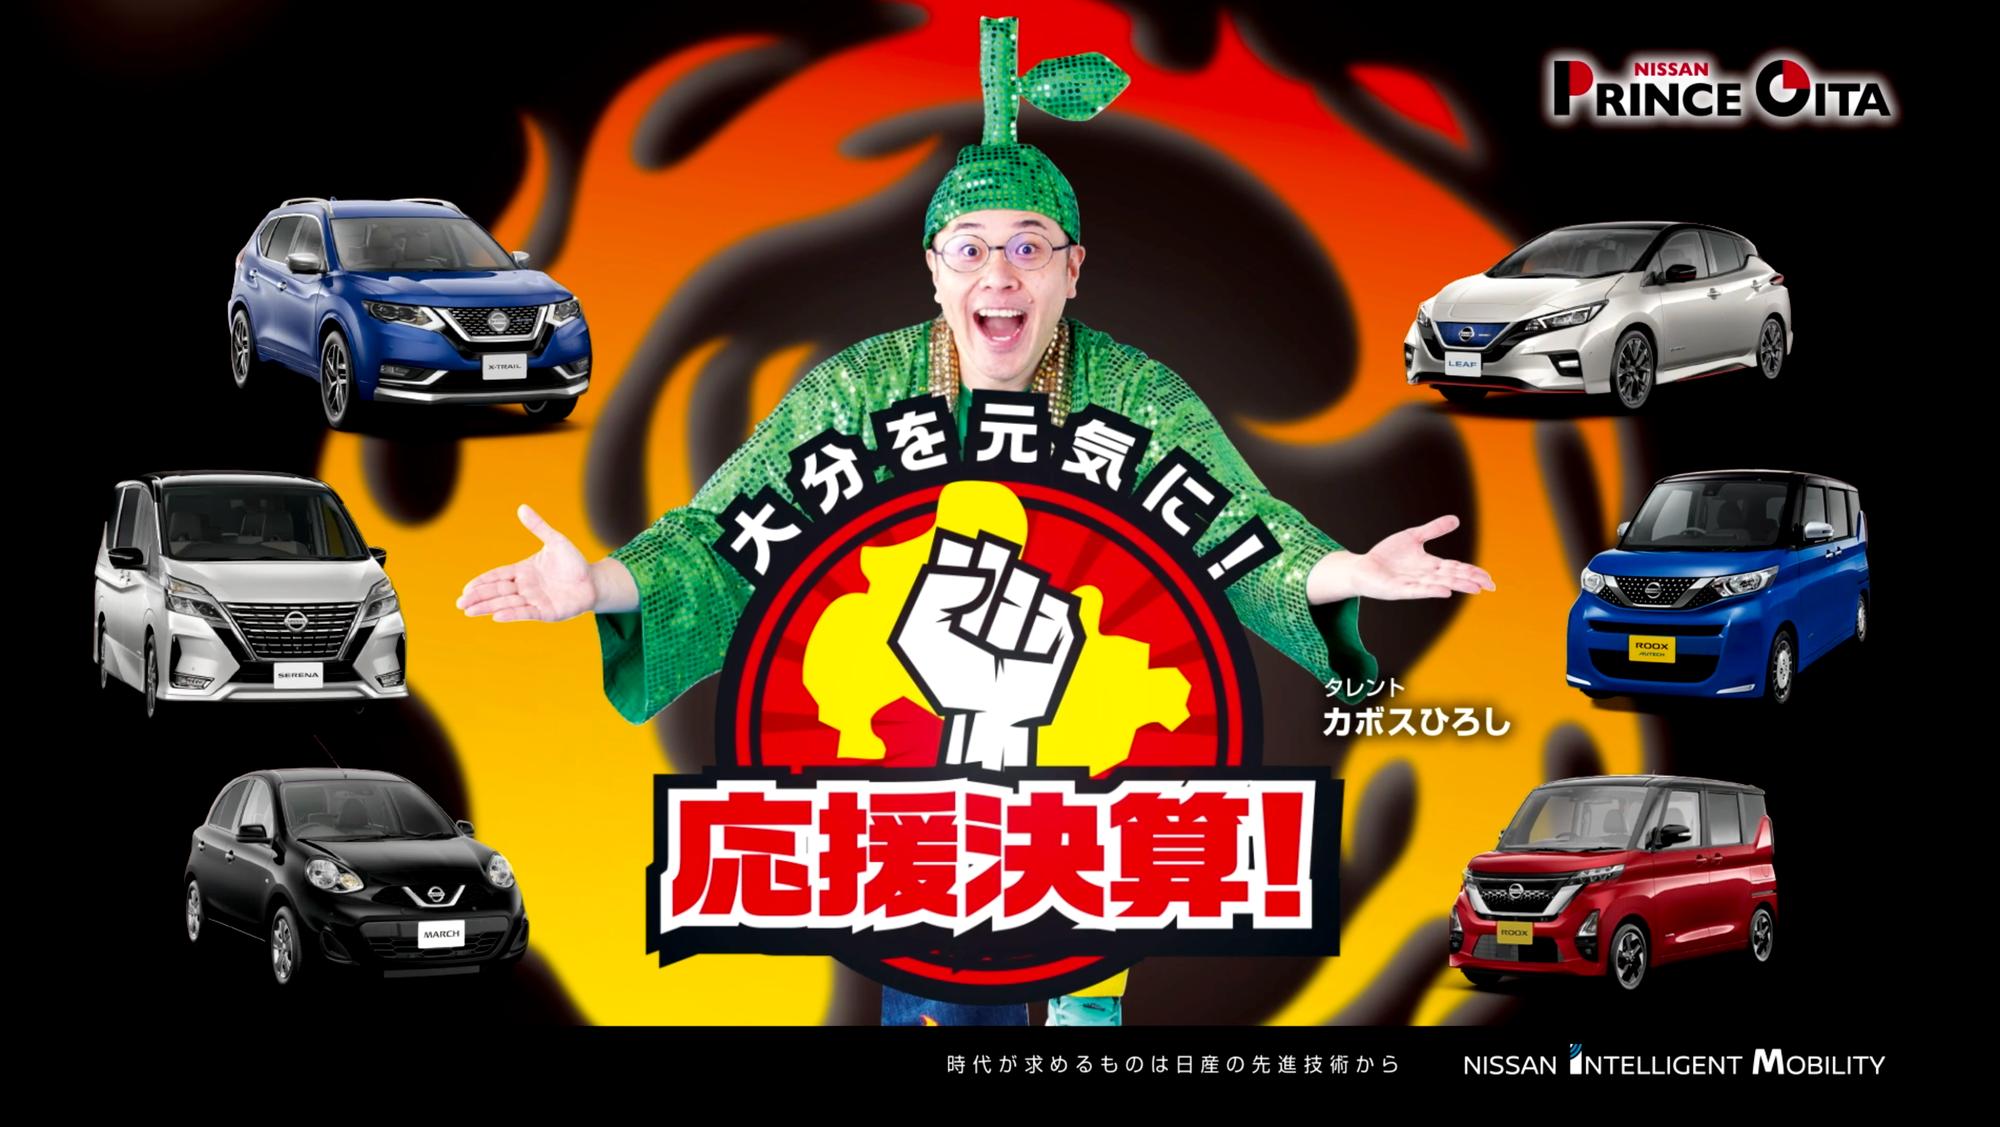 日産プリンス大分さんの情熱祭CM 第3弾!